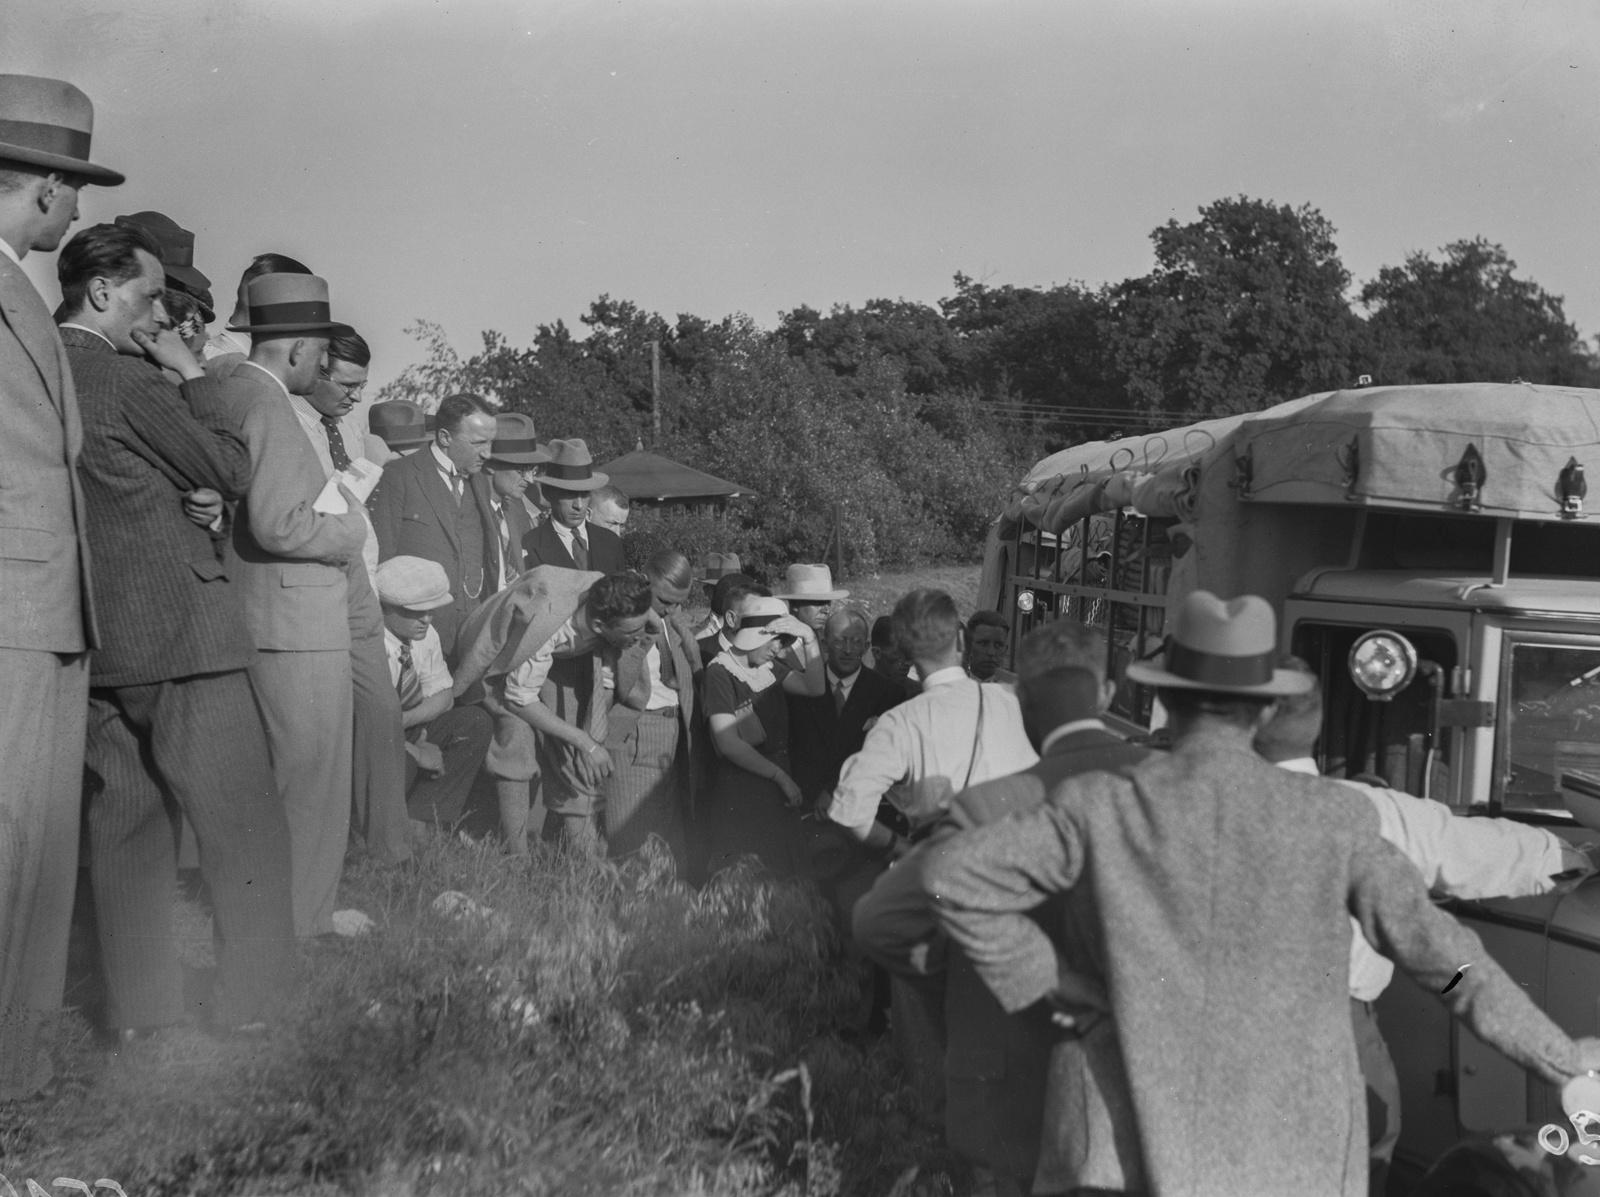 Берлин. АФУС. Группа людей собирается рядом с грузовиками при старте экспедиционной автоколонны